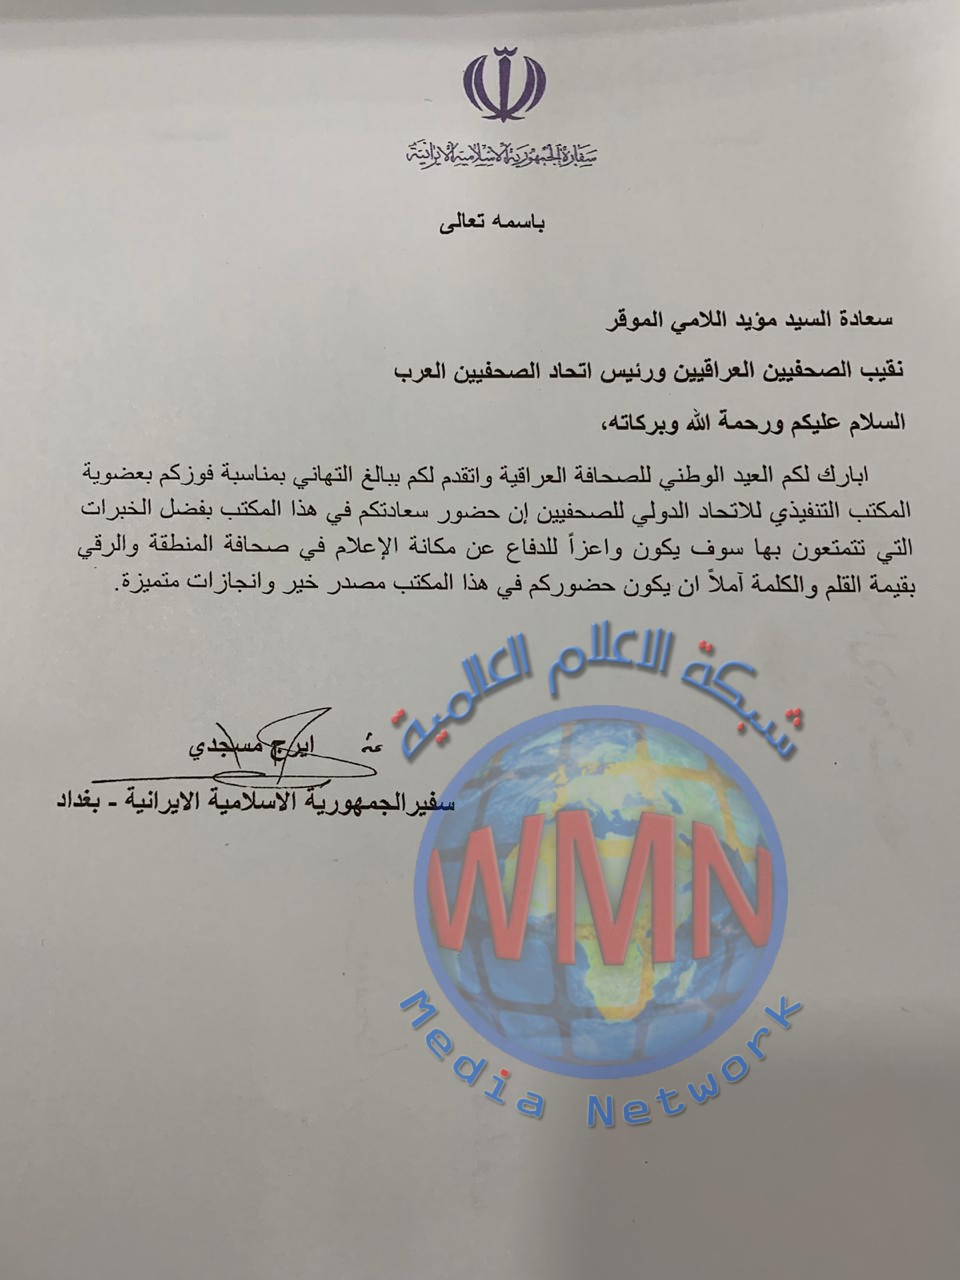 السفير الإيراني يهنئ نقيب الصحفيين العراقيين بمناسبة فوزه بعضوية الاتحاد الدولي للصحفيين والعيد الوطني للصحافة العراقية